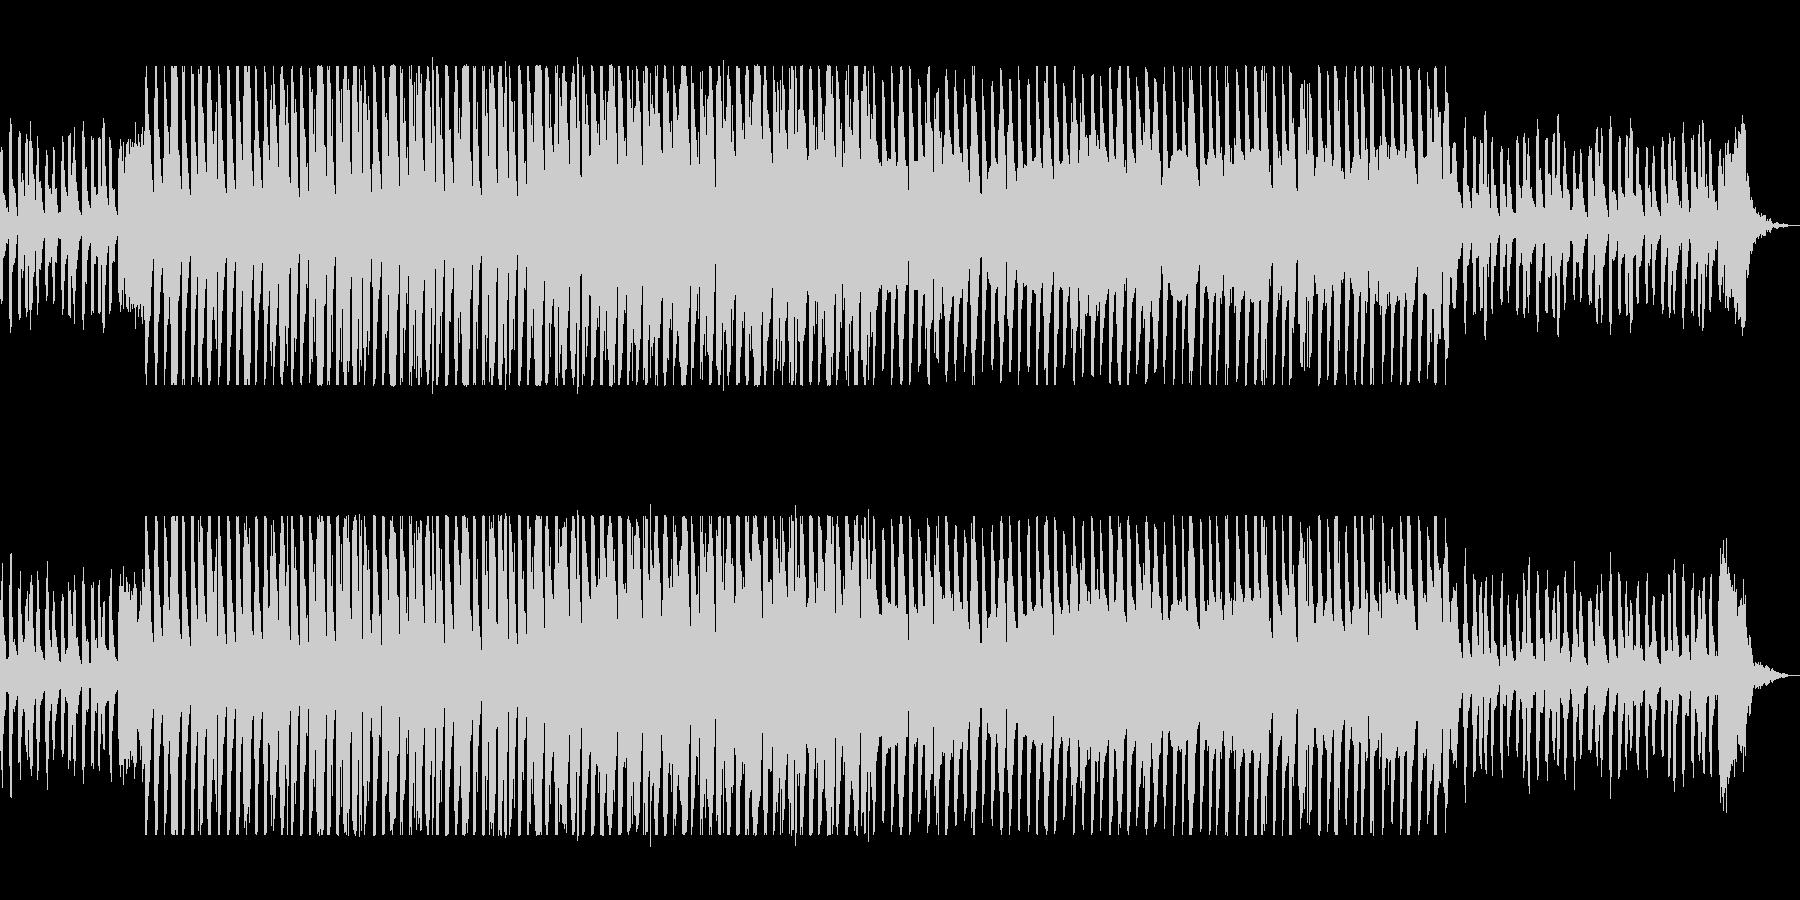 マイナーで軽快なバイオリンテクノポップの未再生の波形